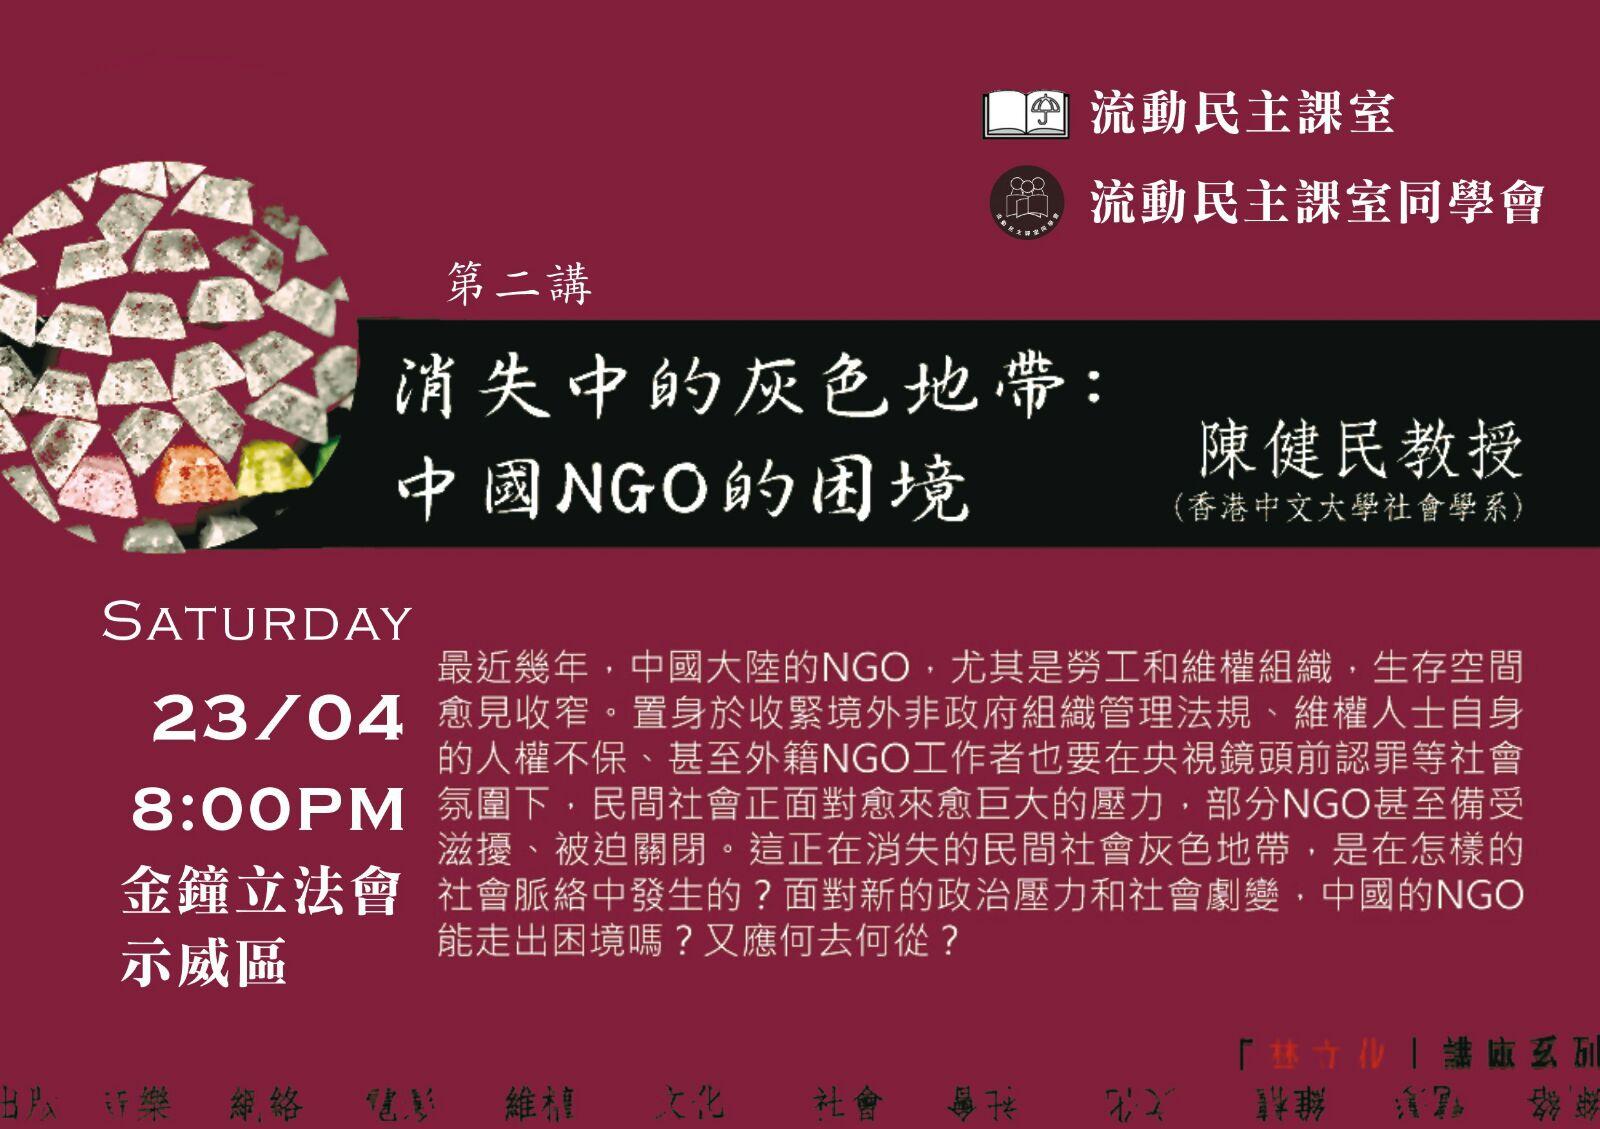 《消失中的灰色地帶: 中國NGO的困境》